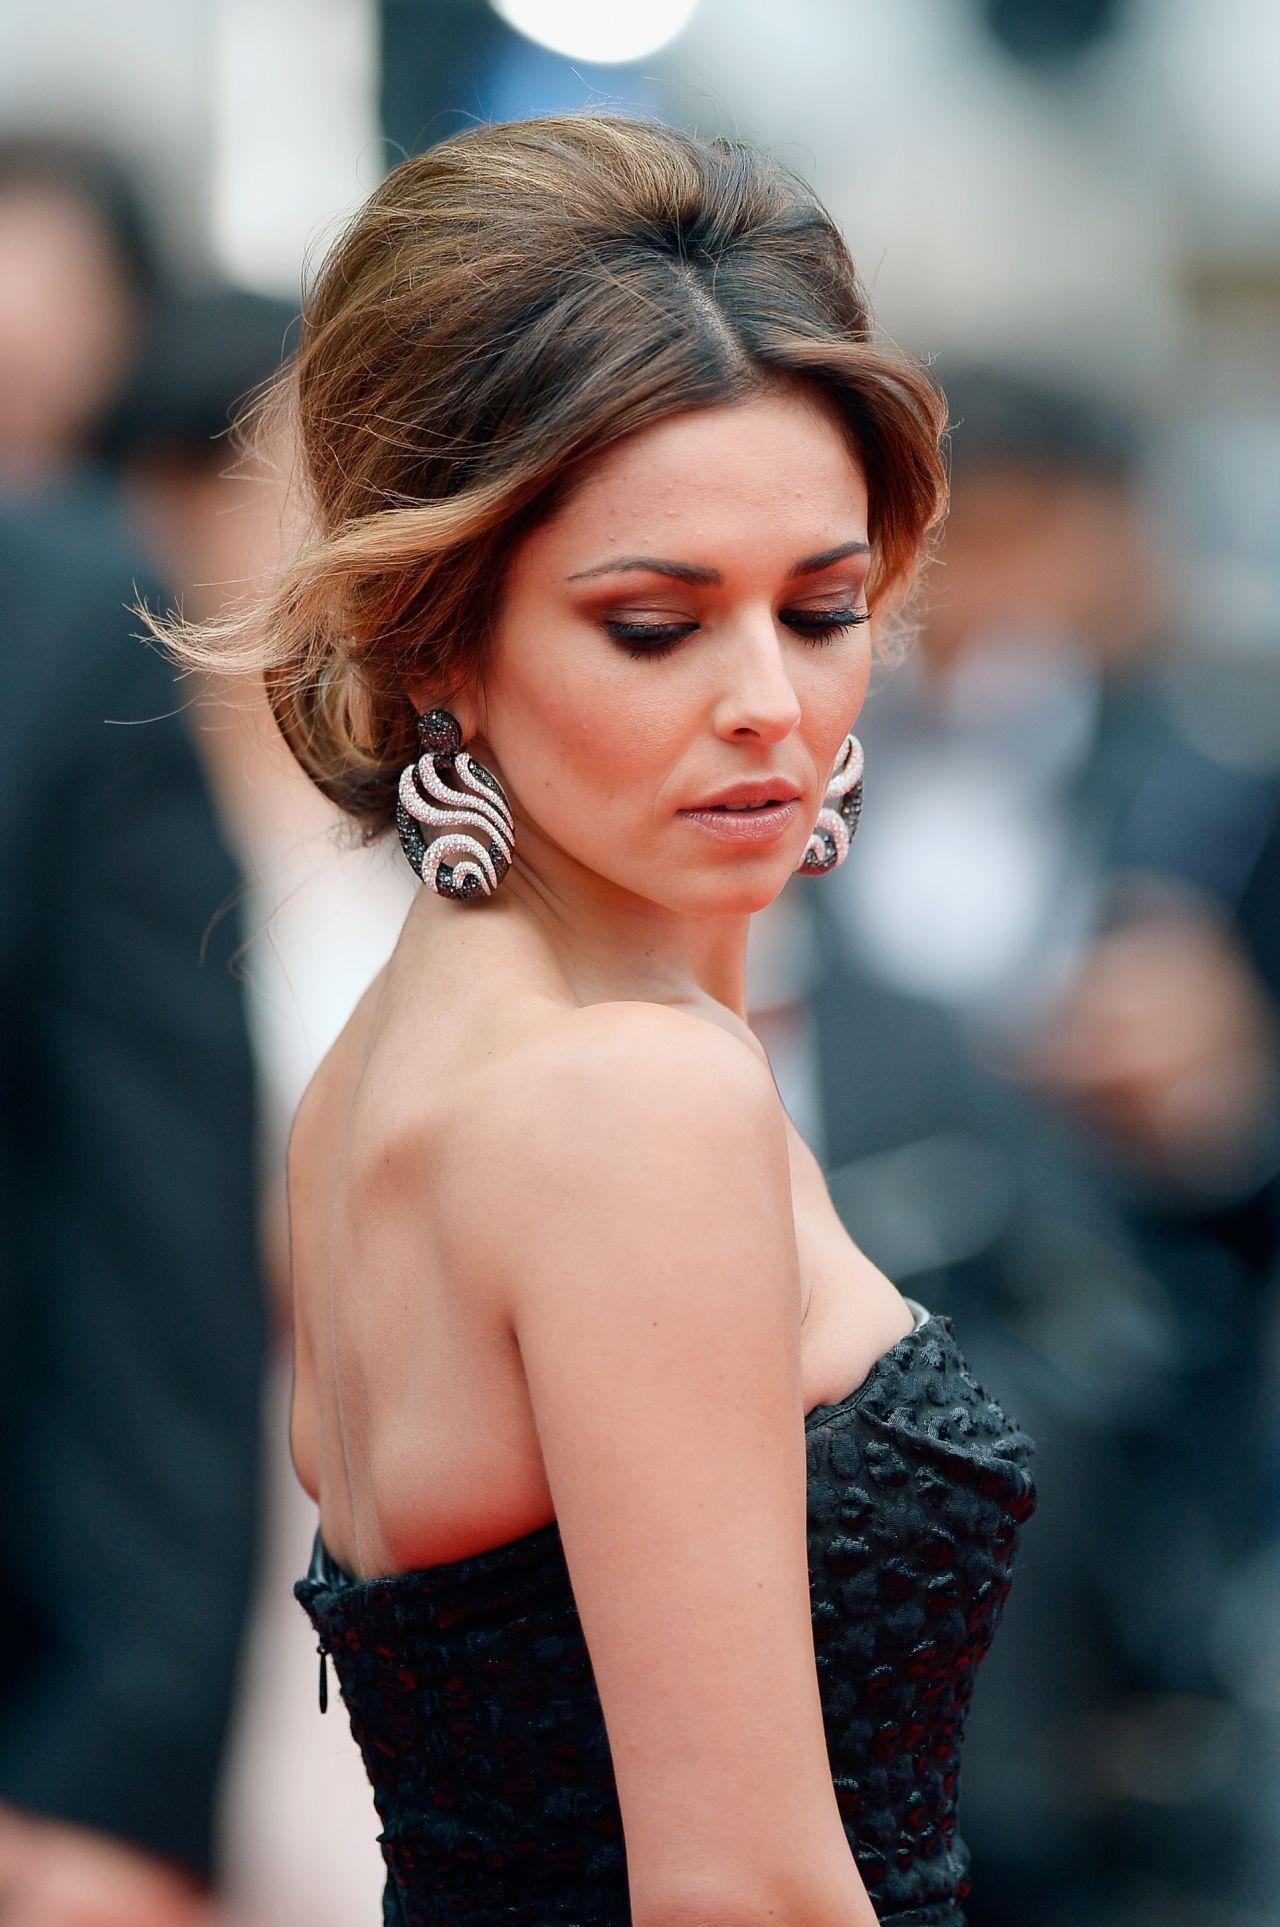 Cheryl Cole Foxcatcher Premier 2014 Cannes Film Festival